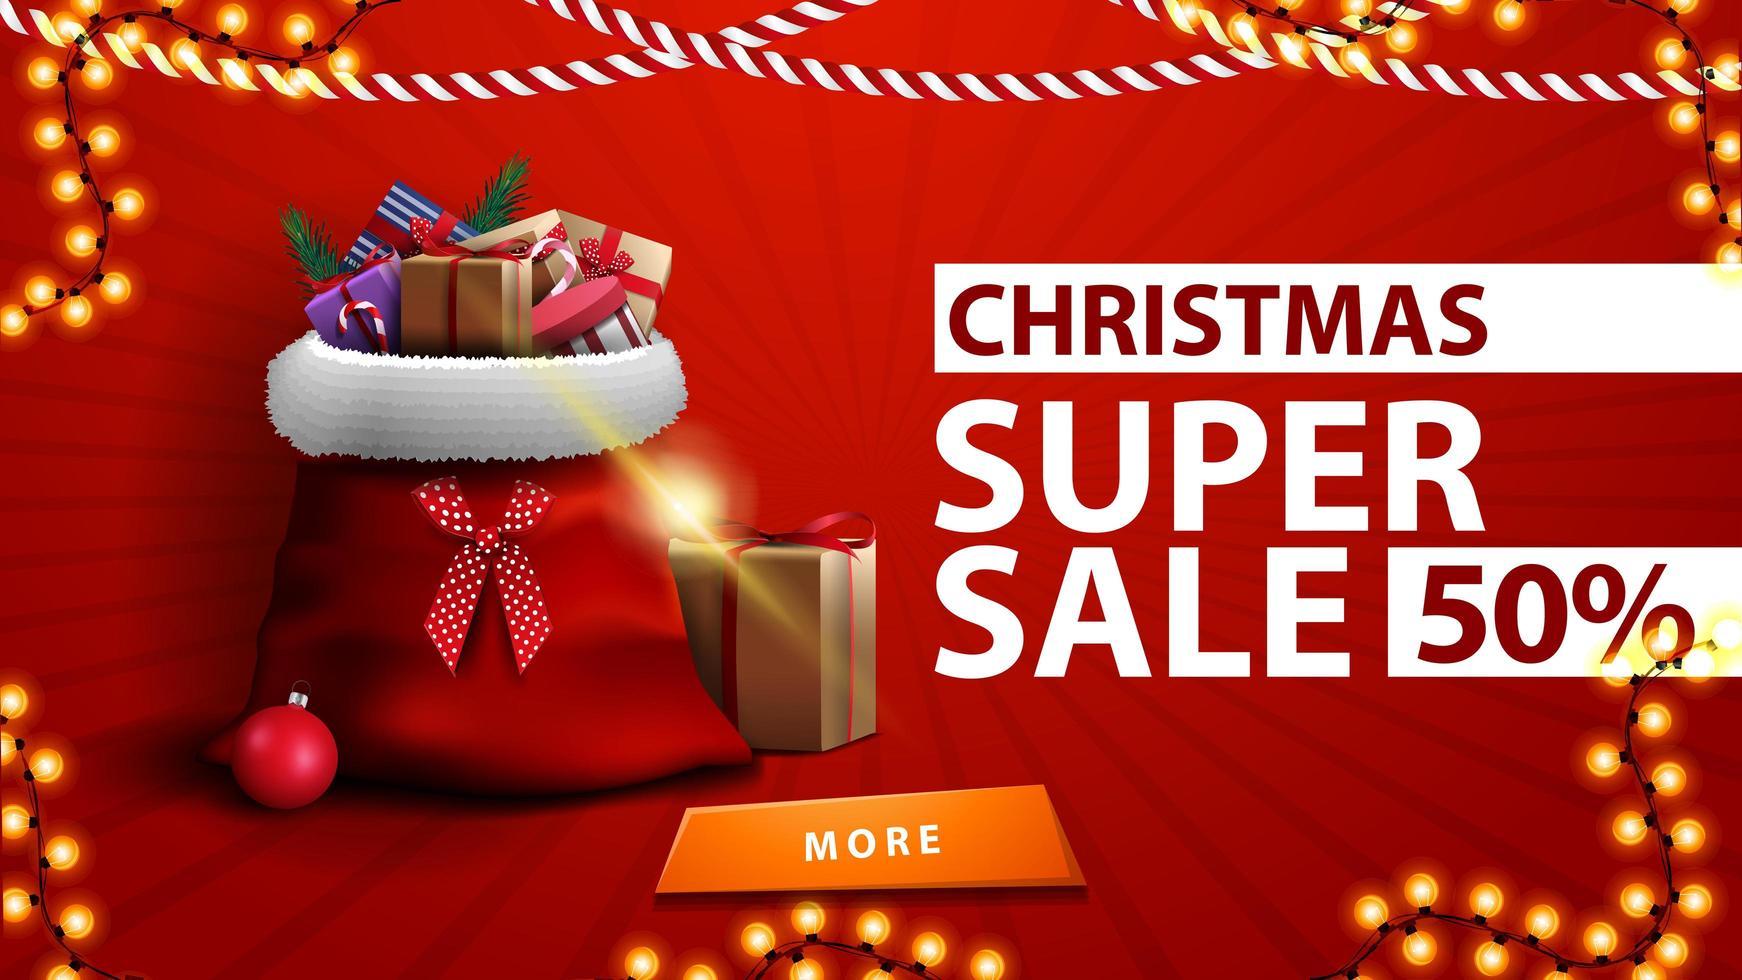 kerstsuperverkoop, tot 50 korting, rode kortingsbanner met kerstmanzak met cadeautjes bij de muur vector